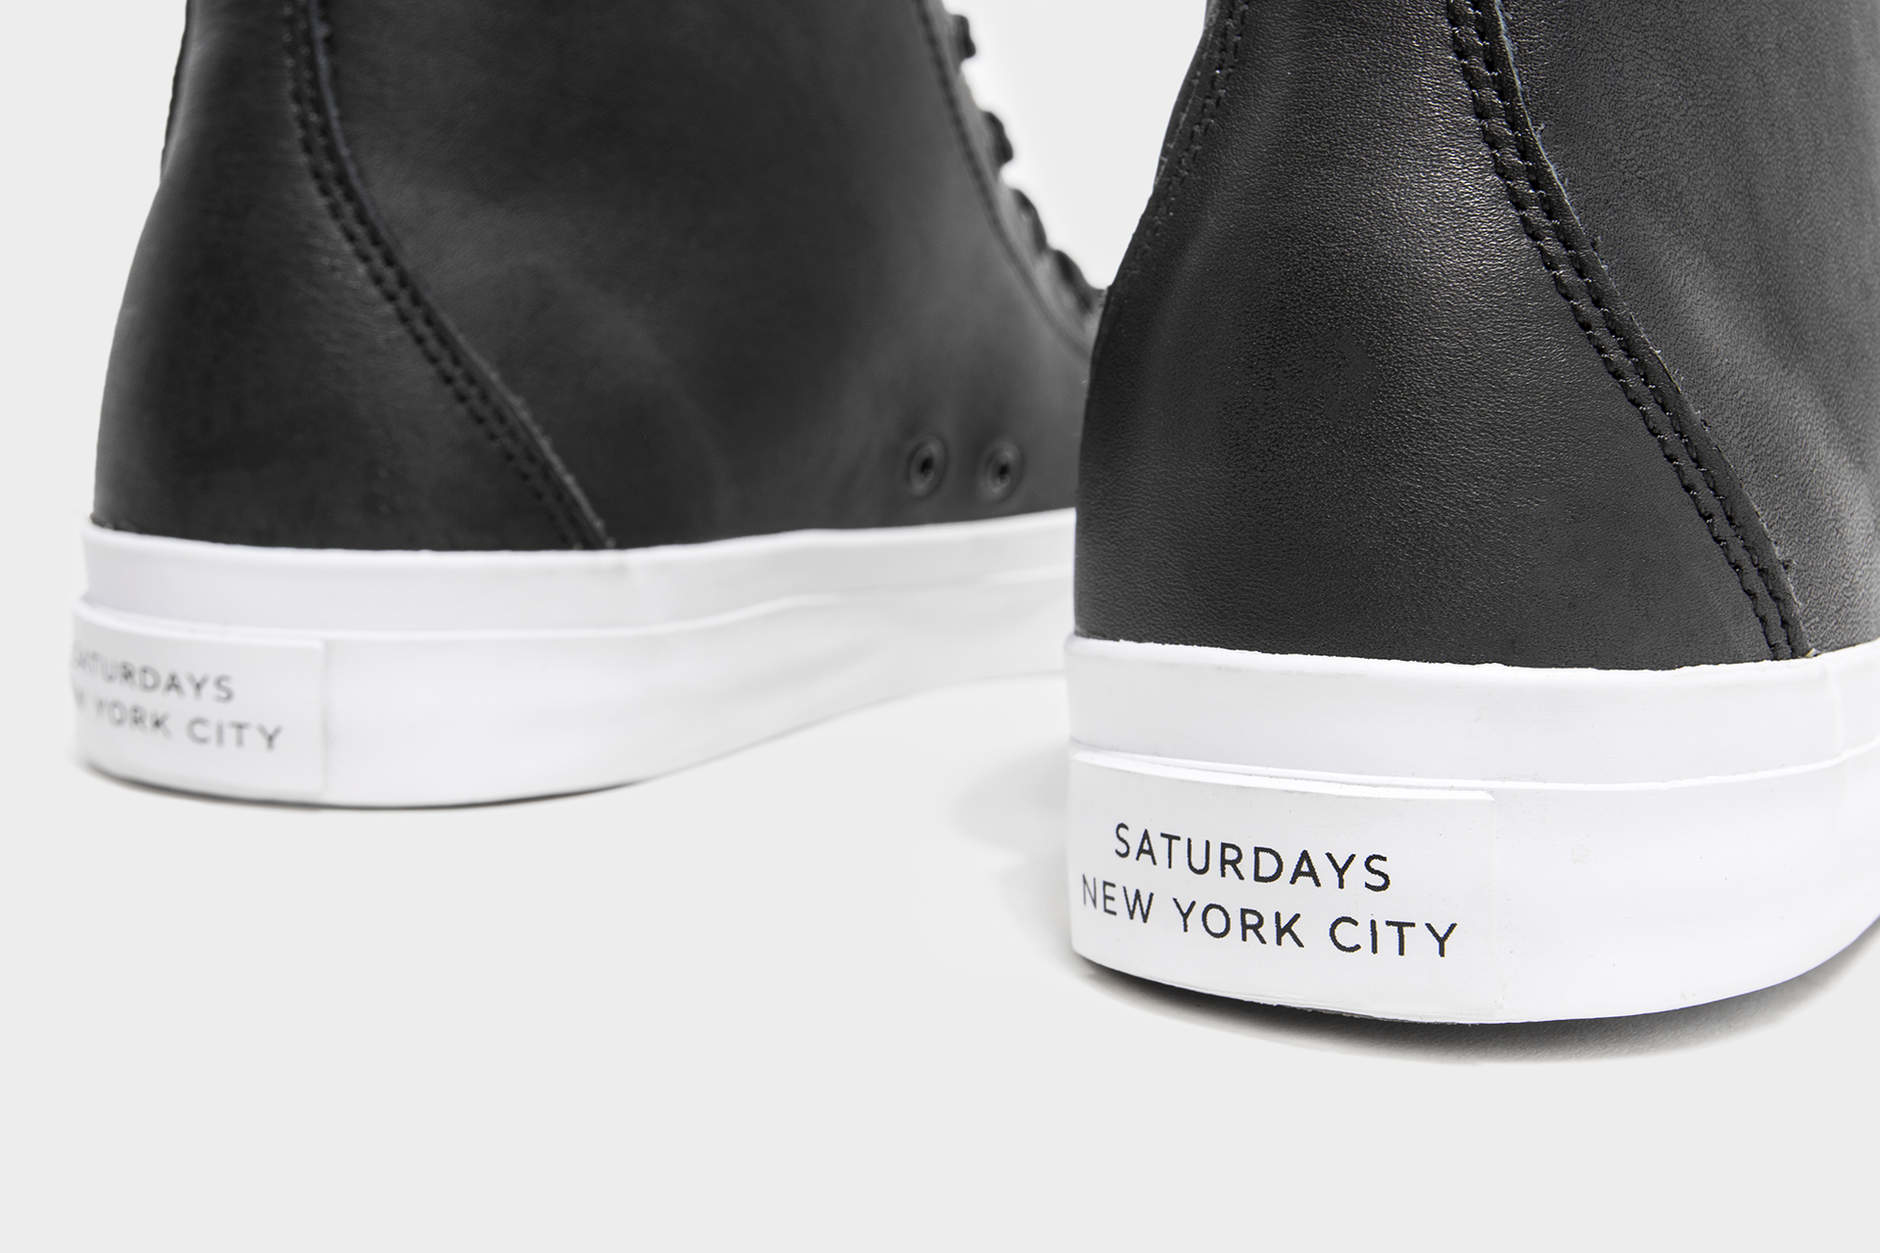 CHAUSSURES - Chaussures à lacetsSaturdays New York City Vente Nouvelle Marque Unisexe Pas Cher 100% Garanti vy7Zg